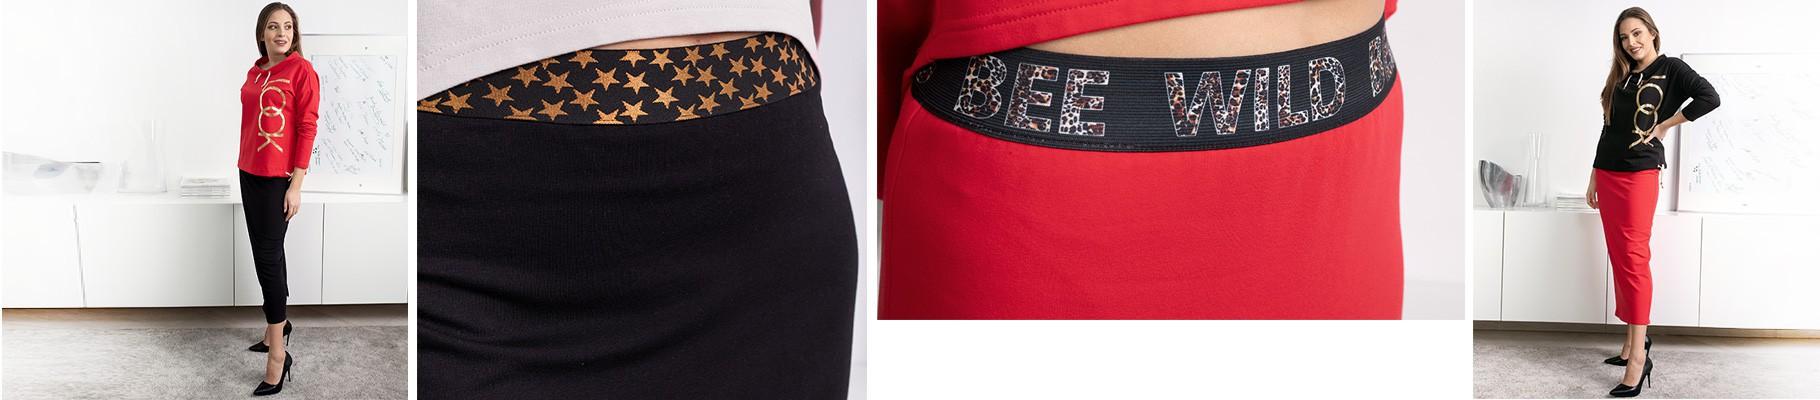 Spódnice klasyczne midi i maxi, ołówkowe, klasyczne, rozkloszowane, spódnice dresowe, fasony wygodne i wizytowe,, spódnice od Bee Collection to doskonała jakość i minimalistyczne fasony będą bazą do wielu stylizacji, do szafy kapsułowej.